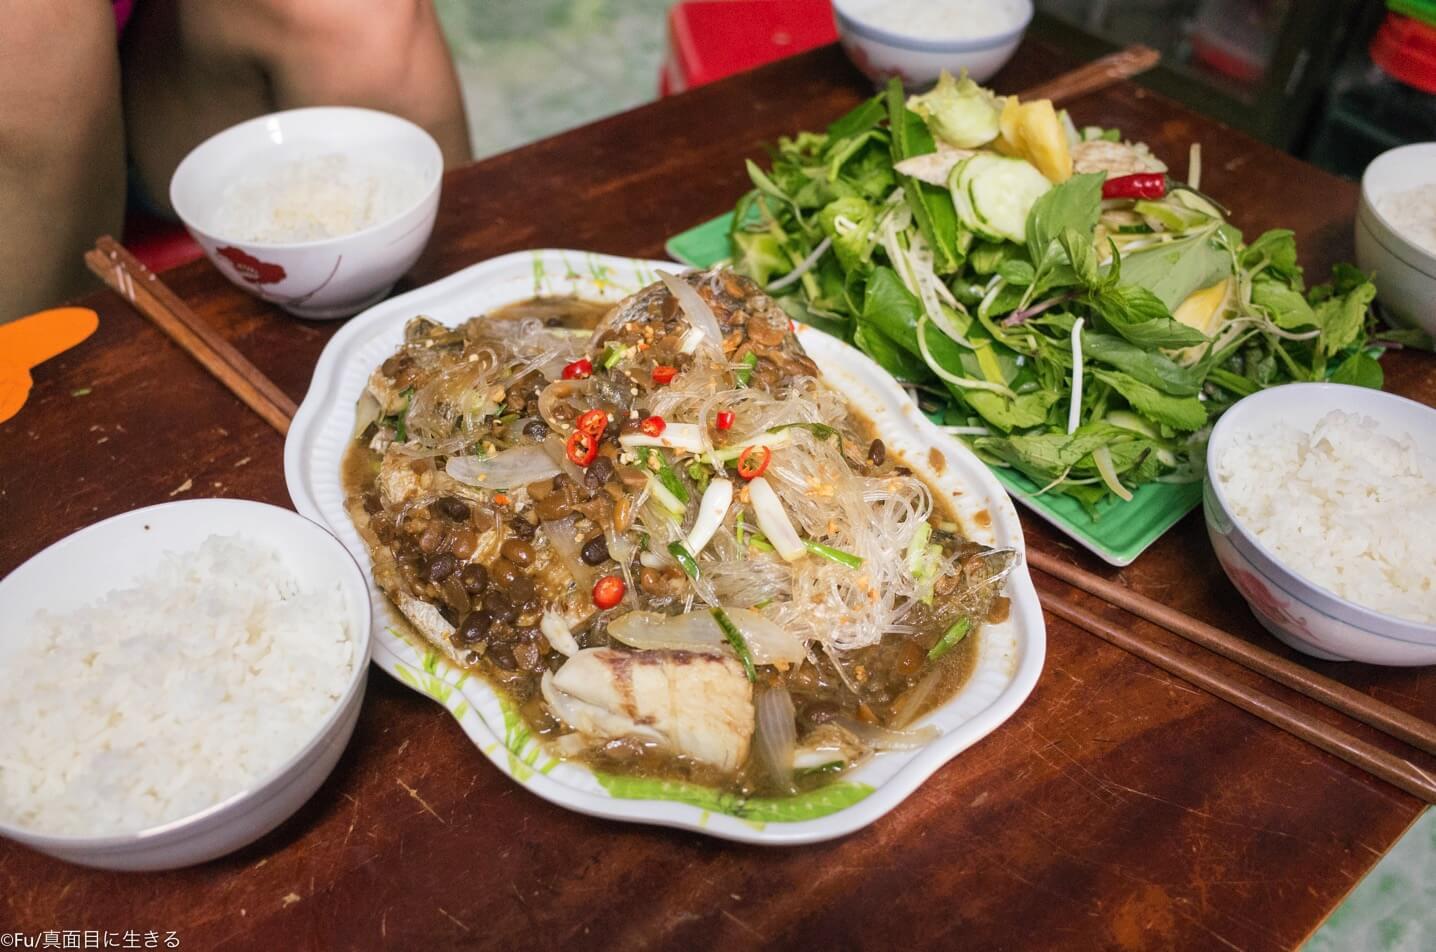 やっぱりイオンはイオンだなと感心したり、やっぱり食べまくった1日【ベトナム旅行日記】【Fu/真面目な日常】